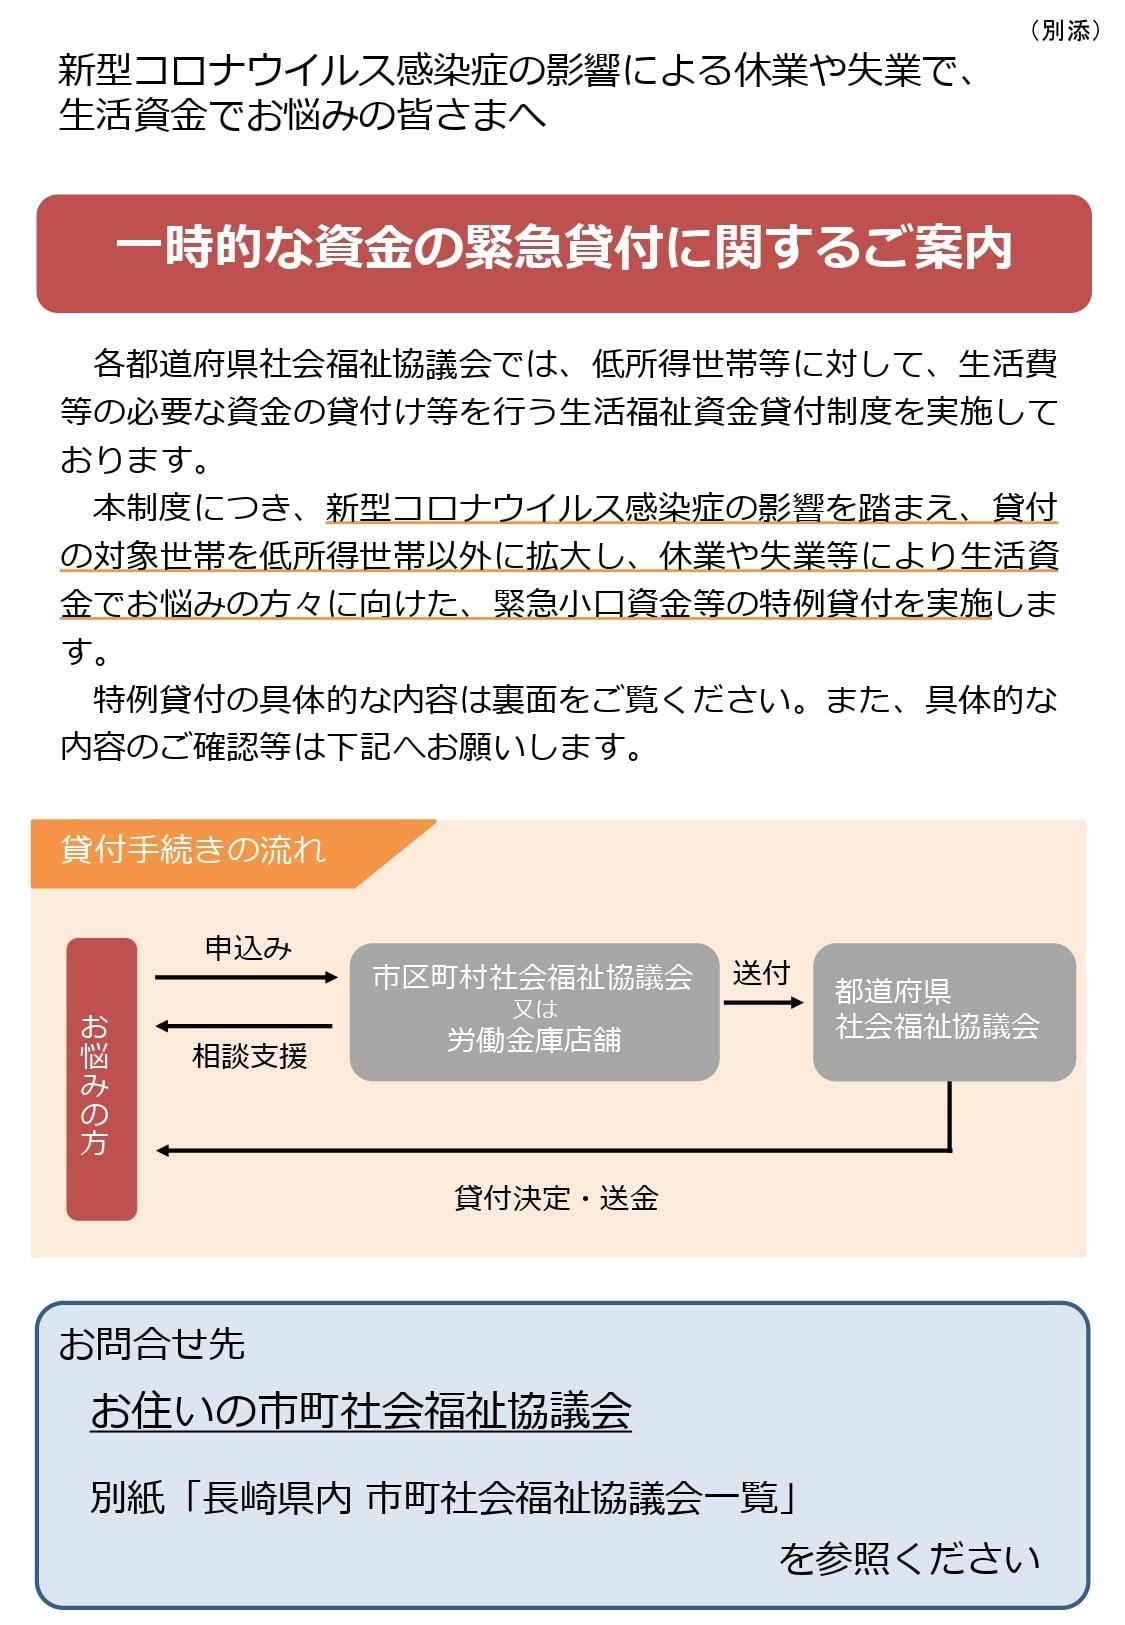 協議 延長 貸付 福祉 会 社会